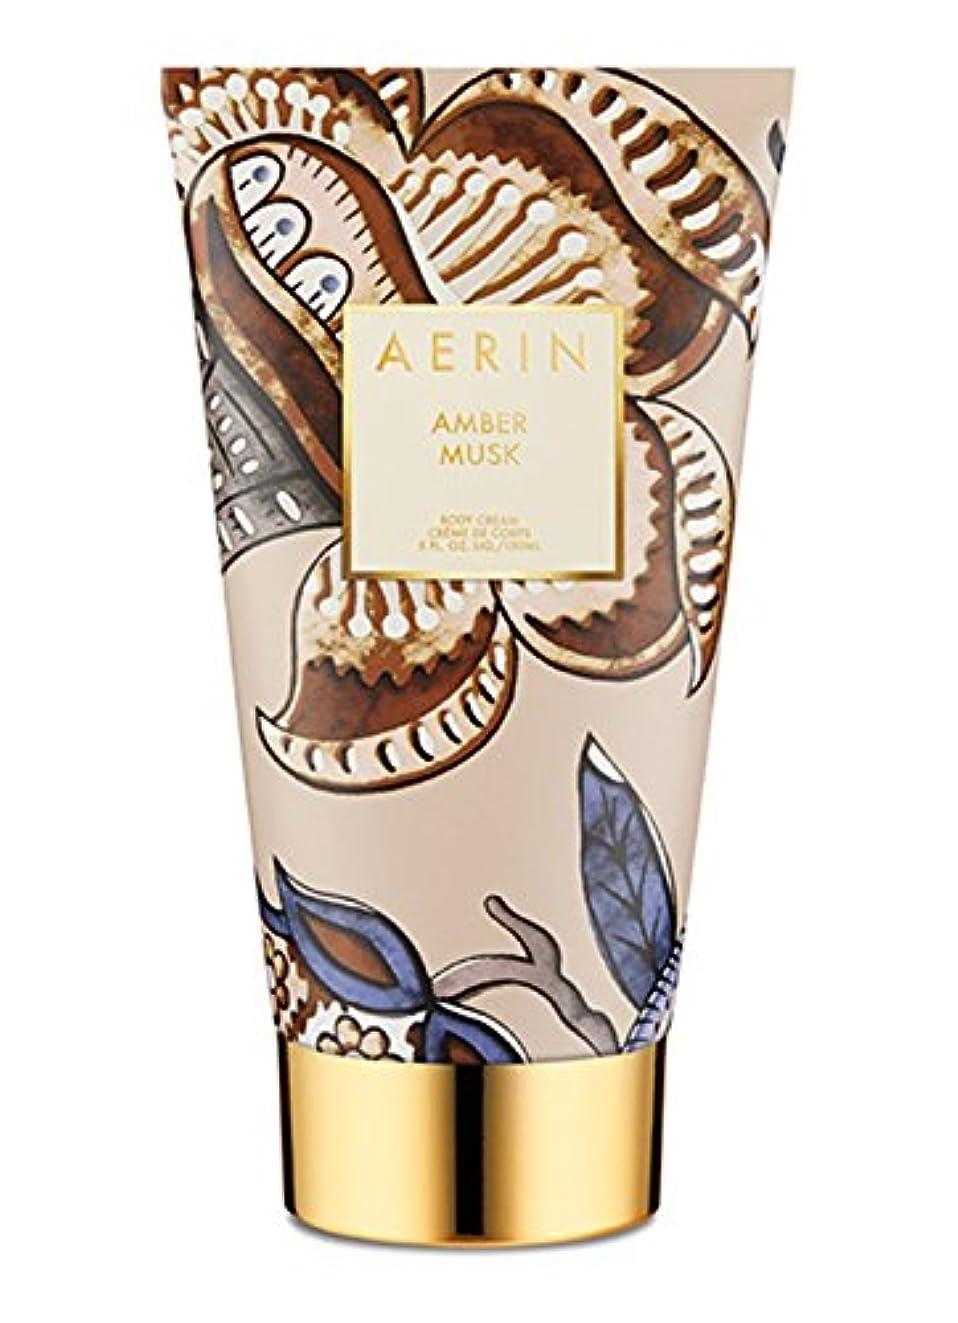 セーブ普通の食品AERIN 'Amber Musk' (アエリン アンバームスク) 5.0 oz (150ml) Body Cream ボディークリーム by Estee Lauder for Women